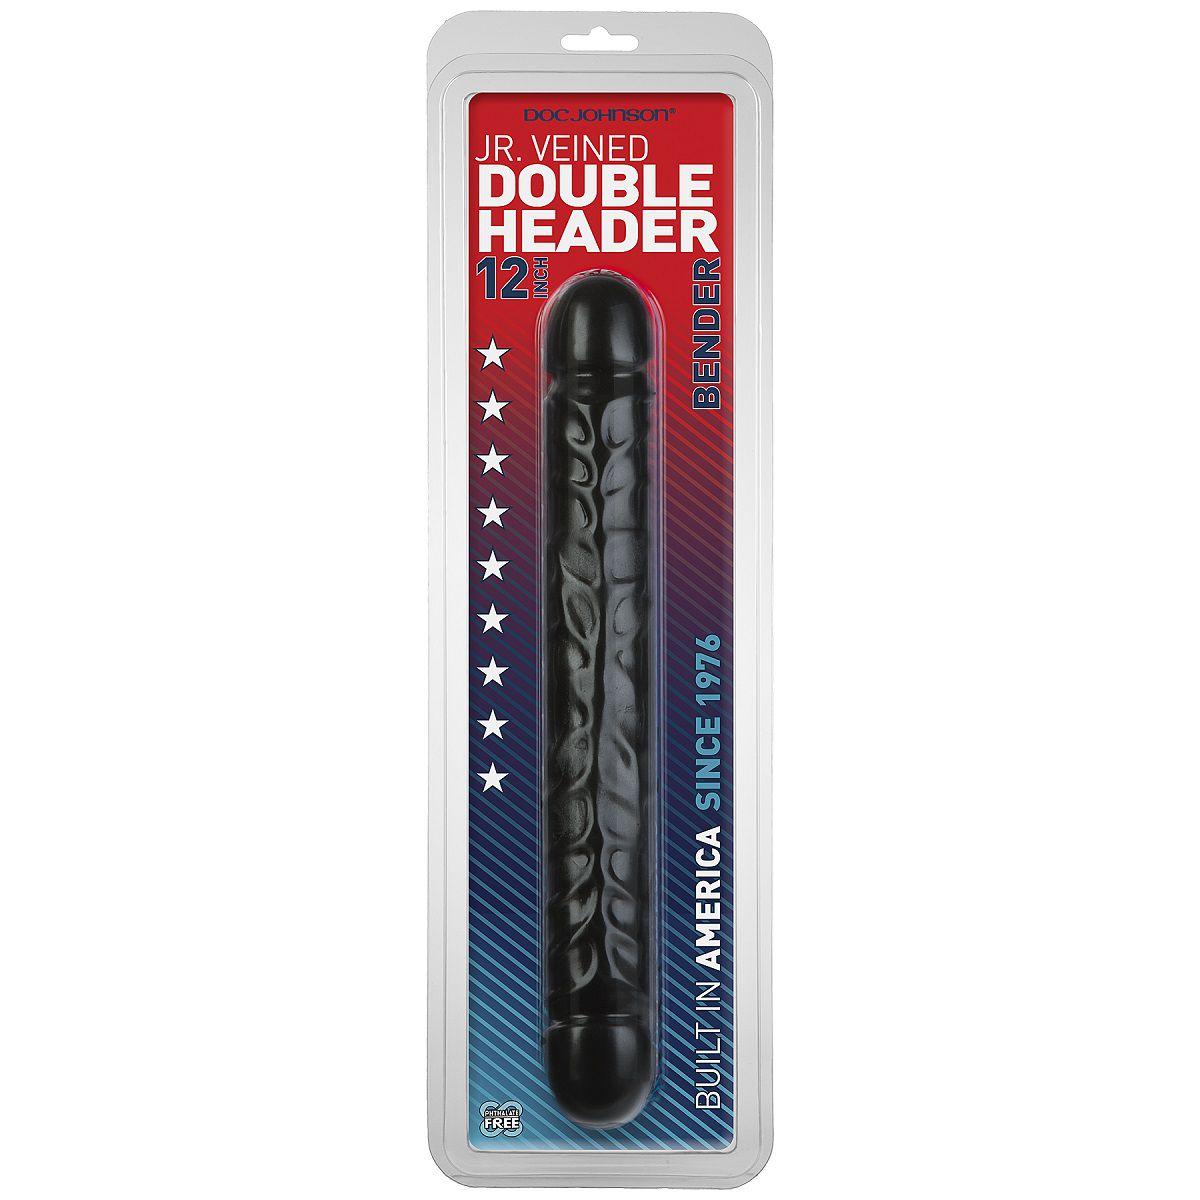 Черный двухголовый фаллоимитатор Jr. Veined Double Header 12 Bender - 30,5 см.